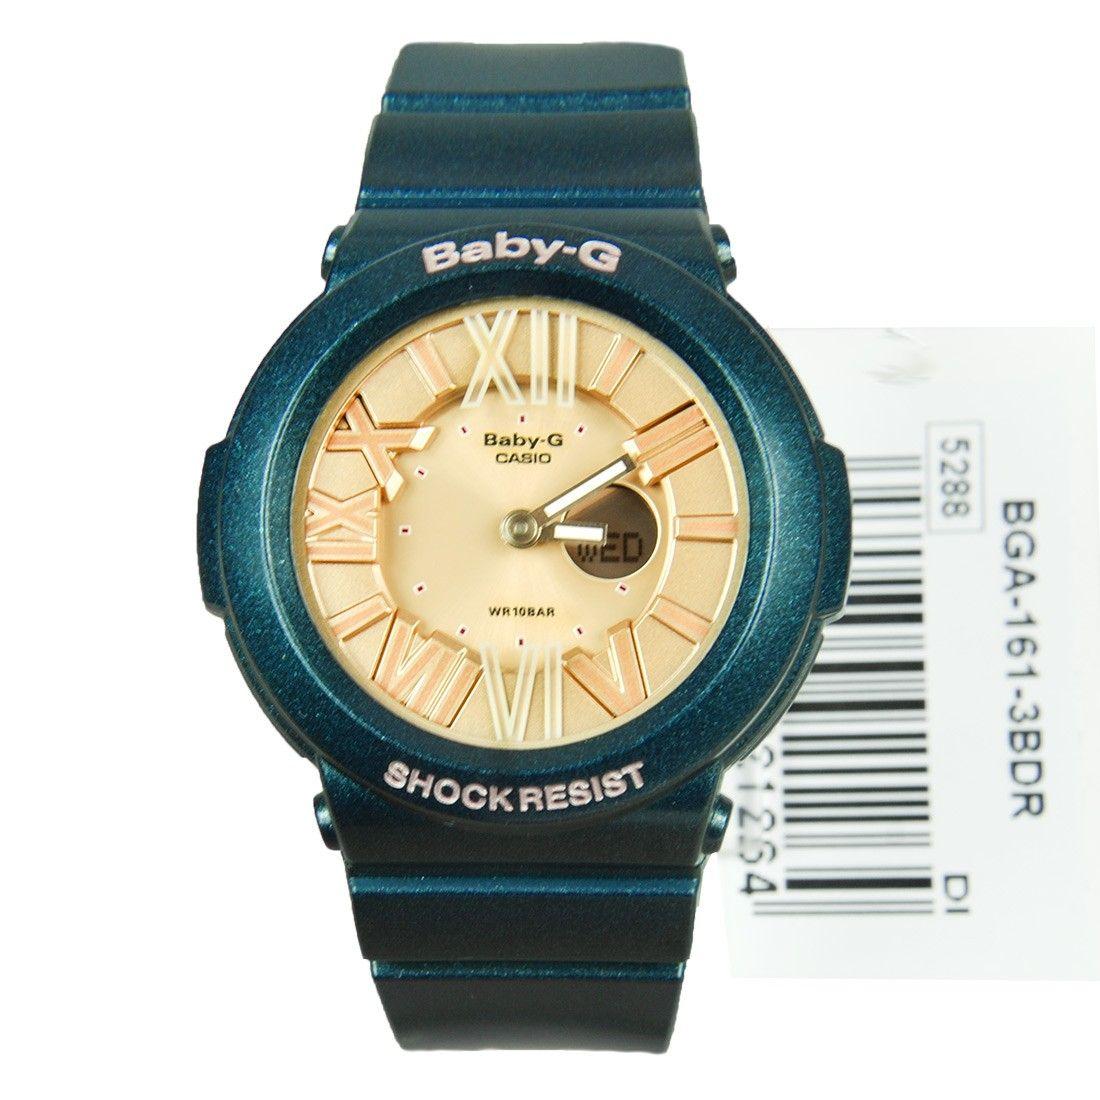 Casio Babyg Illuminator Watches Bga1607b2 Bga160 Stuff To Baby G Bga 210 7b3 Neon Ladies Watch